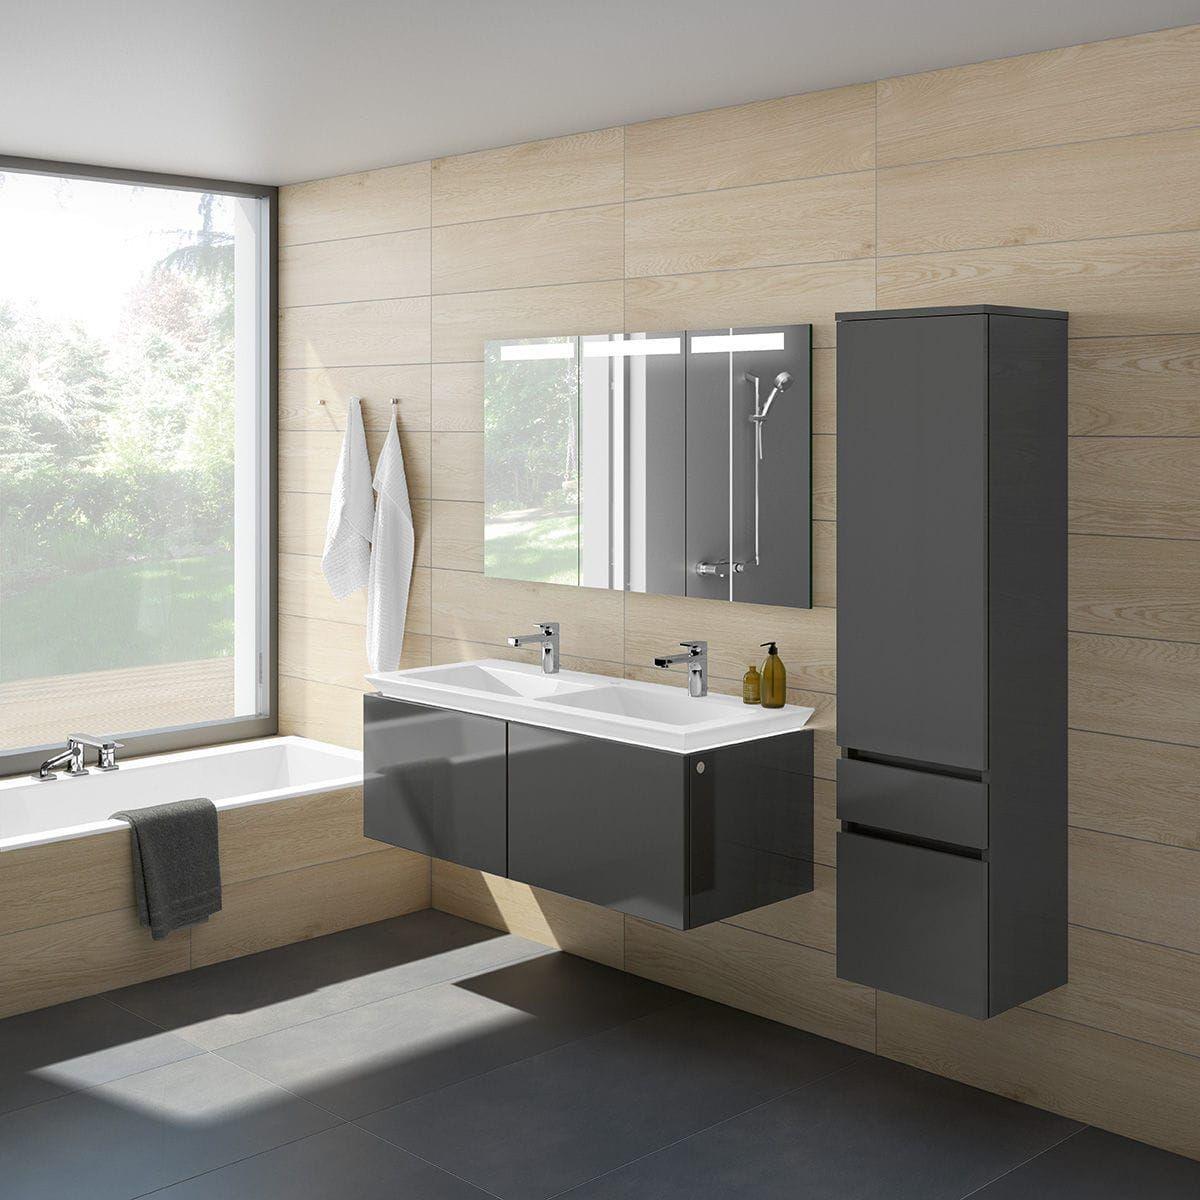 Contemporary bathroom in wood LEGATO Villeroy